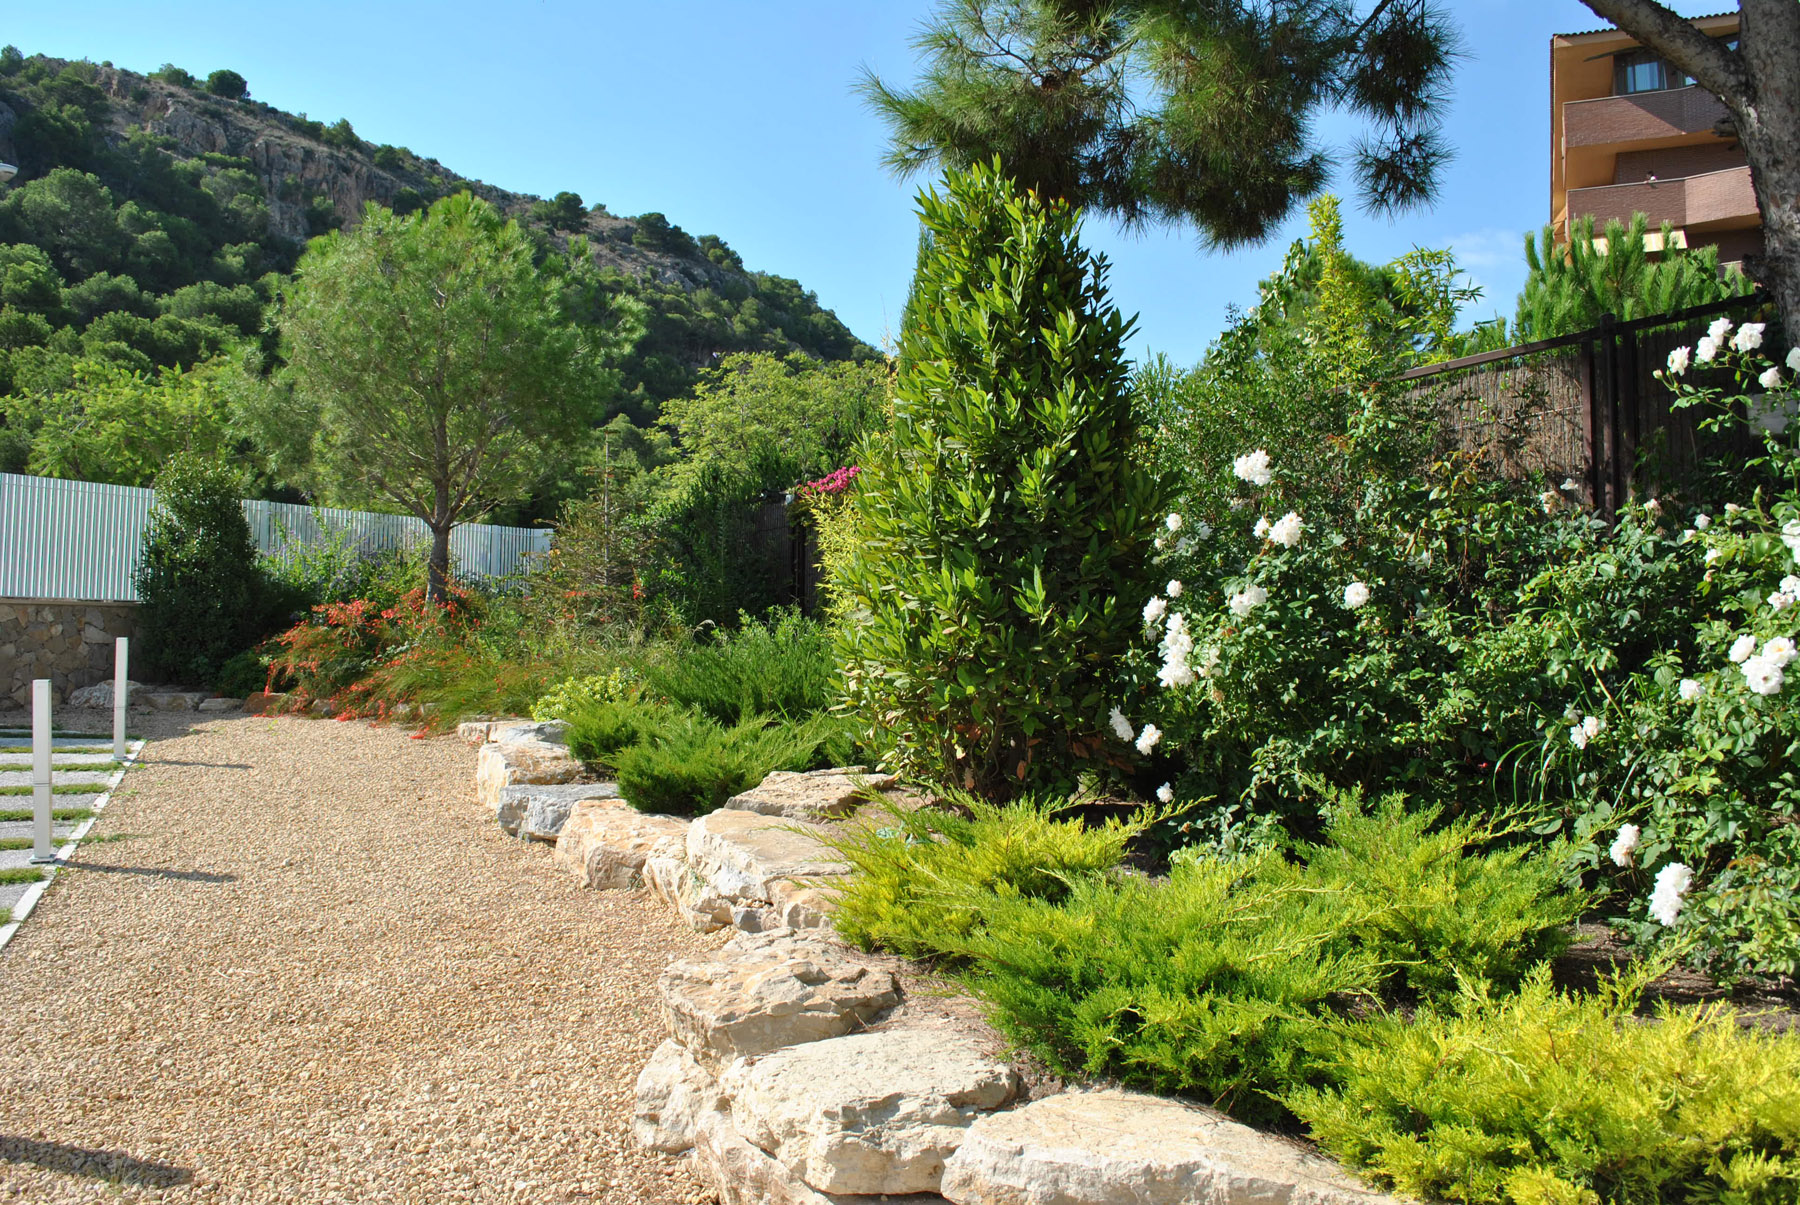 Diseno De Jardin Mediterraneo David Jim Nez Arquitectura Y Paisajismo En Madrid